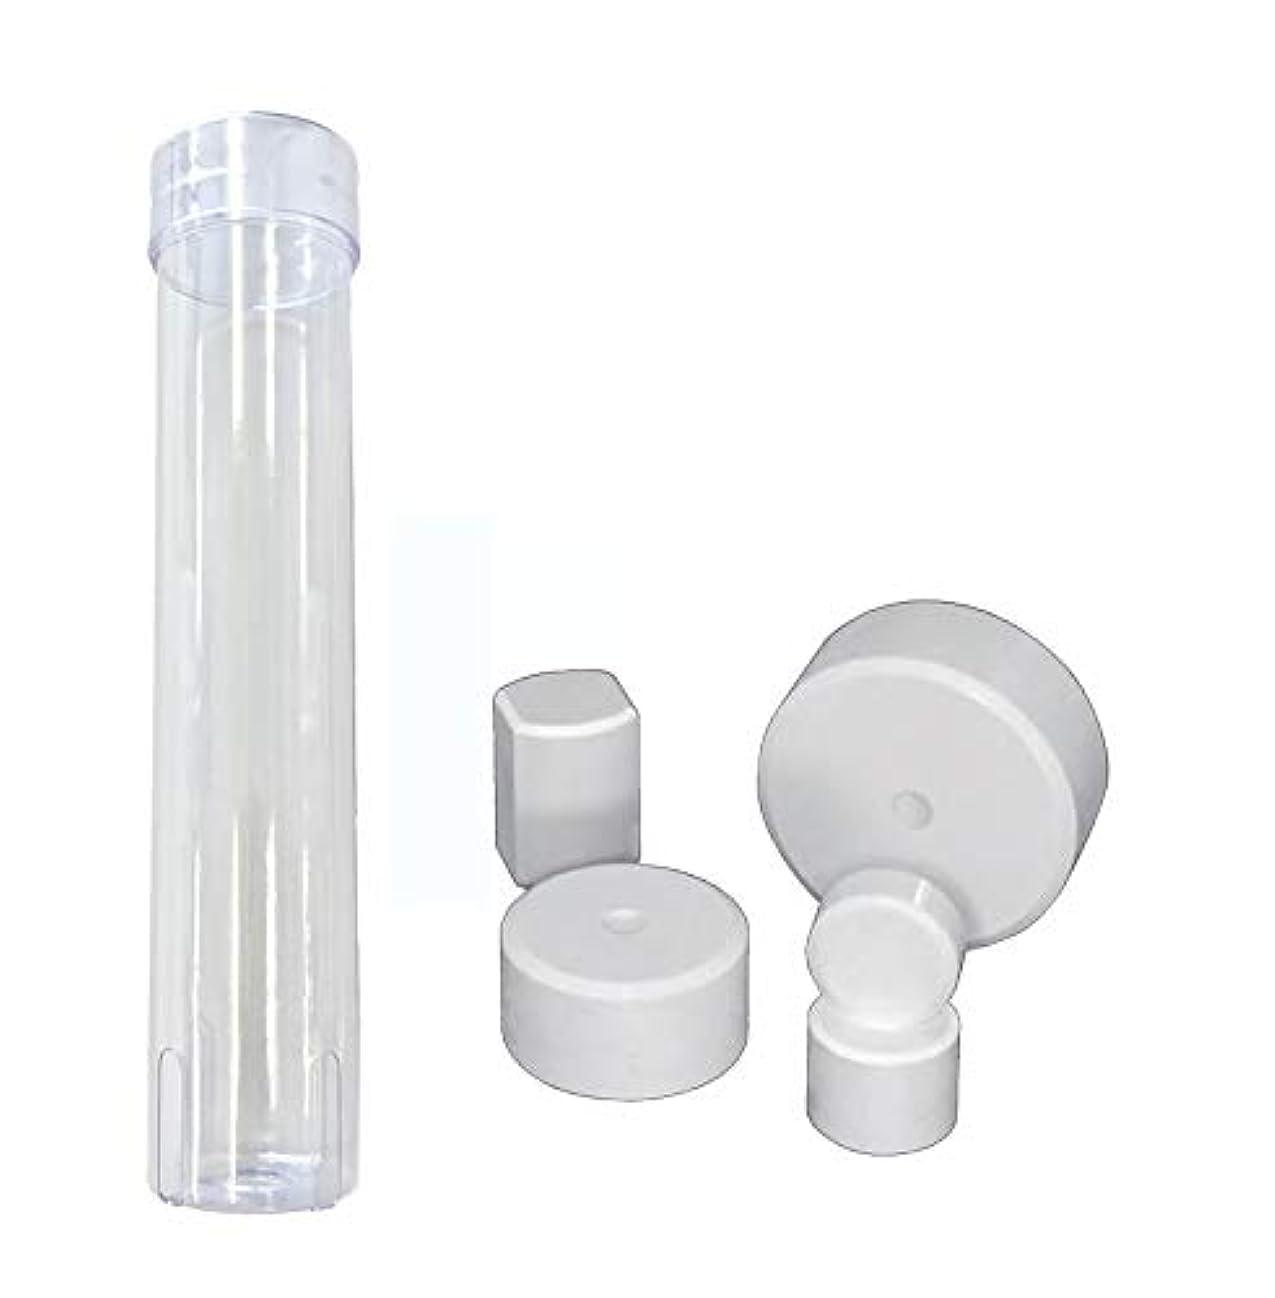 木スポンサープレミアム関西化工株式会社 薬剤筒 塩ビ 塩素剤 セット (300 mm(M-30)+塩素剤) (※浄化槽排水処理専用)